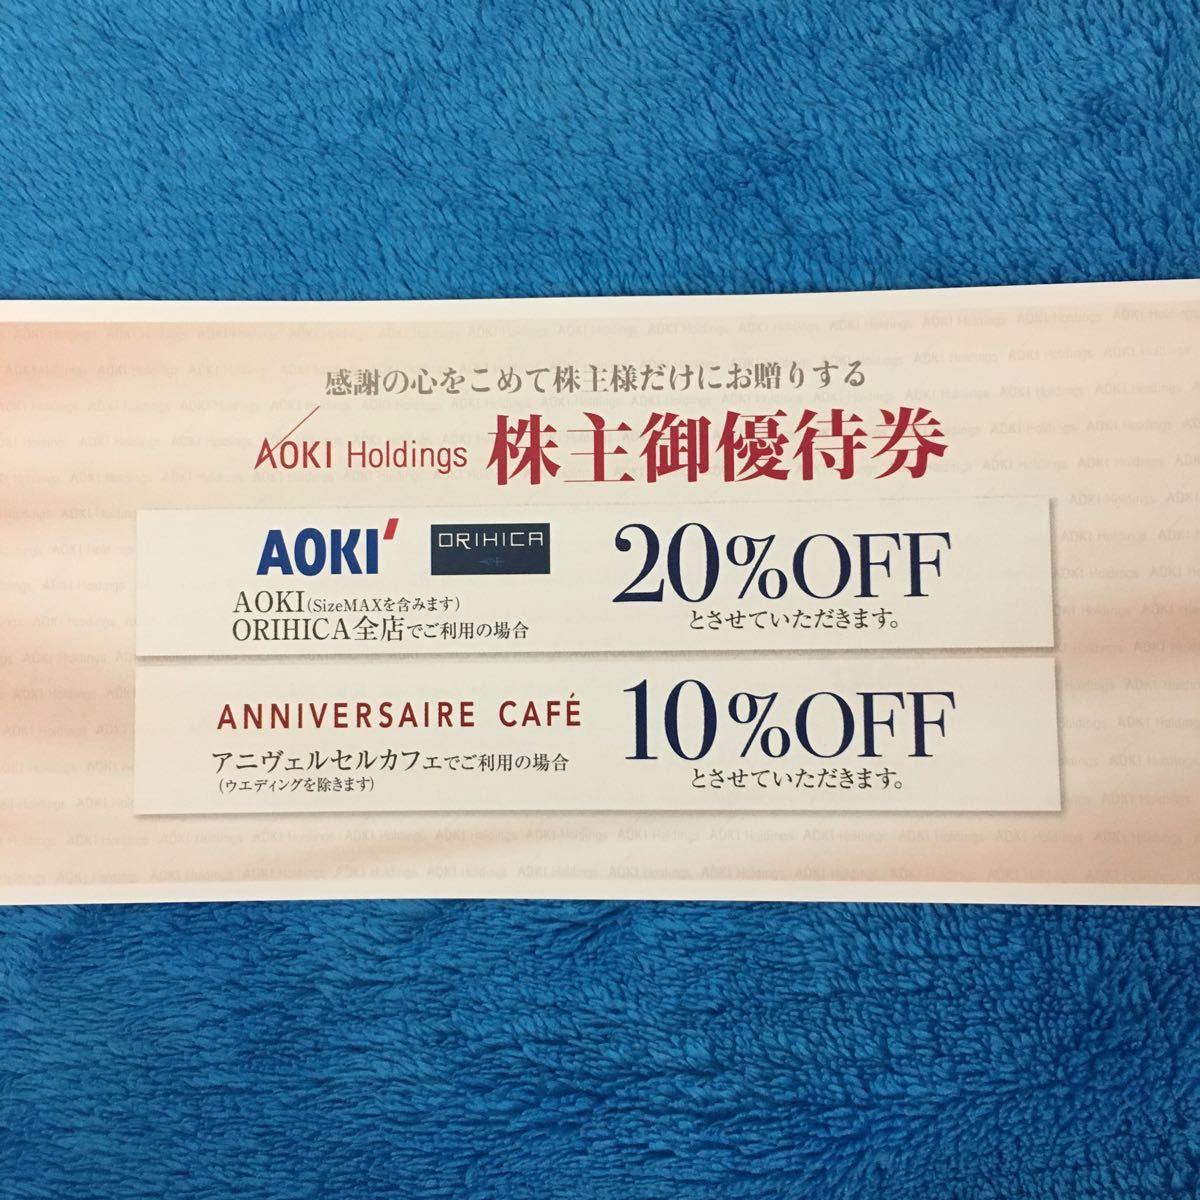 【最新】AOKI(アオキ)・ORIHICA株主優待券1枚 20%OFF ミニレター対応63円 アオキ・オリヒカ 2021年6月30日まで_画像1